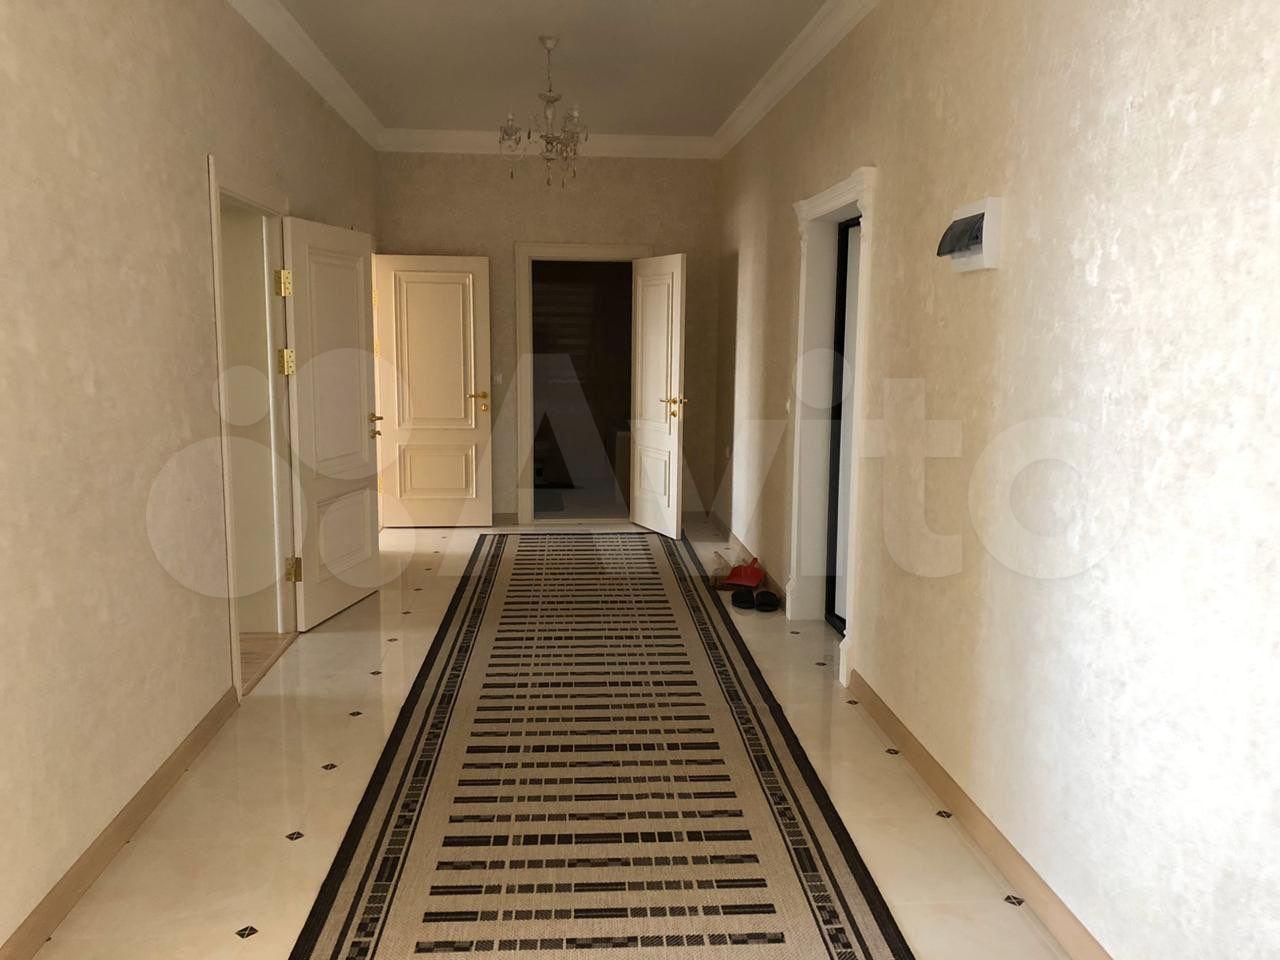 2-к квартира, 105 м², 10/16 эт.  89611344188 купить 5